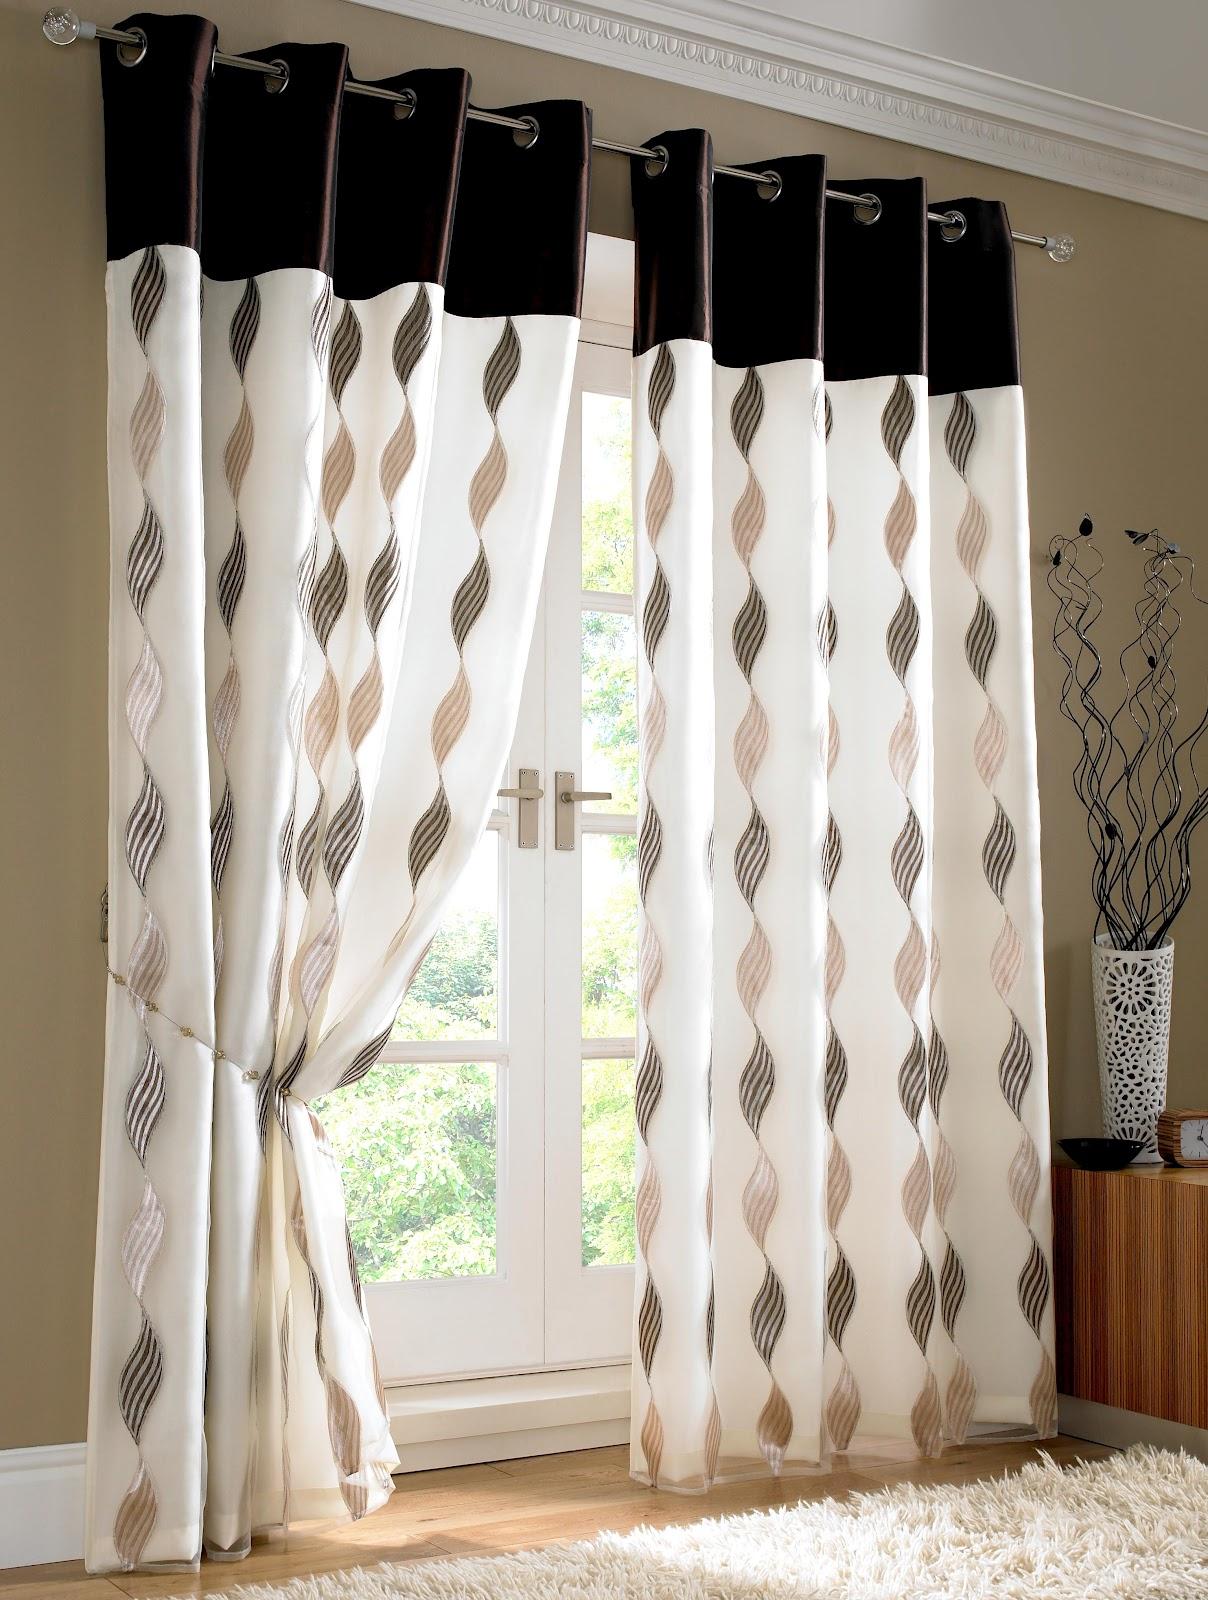 Home Decor Ideas Bedroom Curtain Decor Ideas